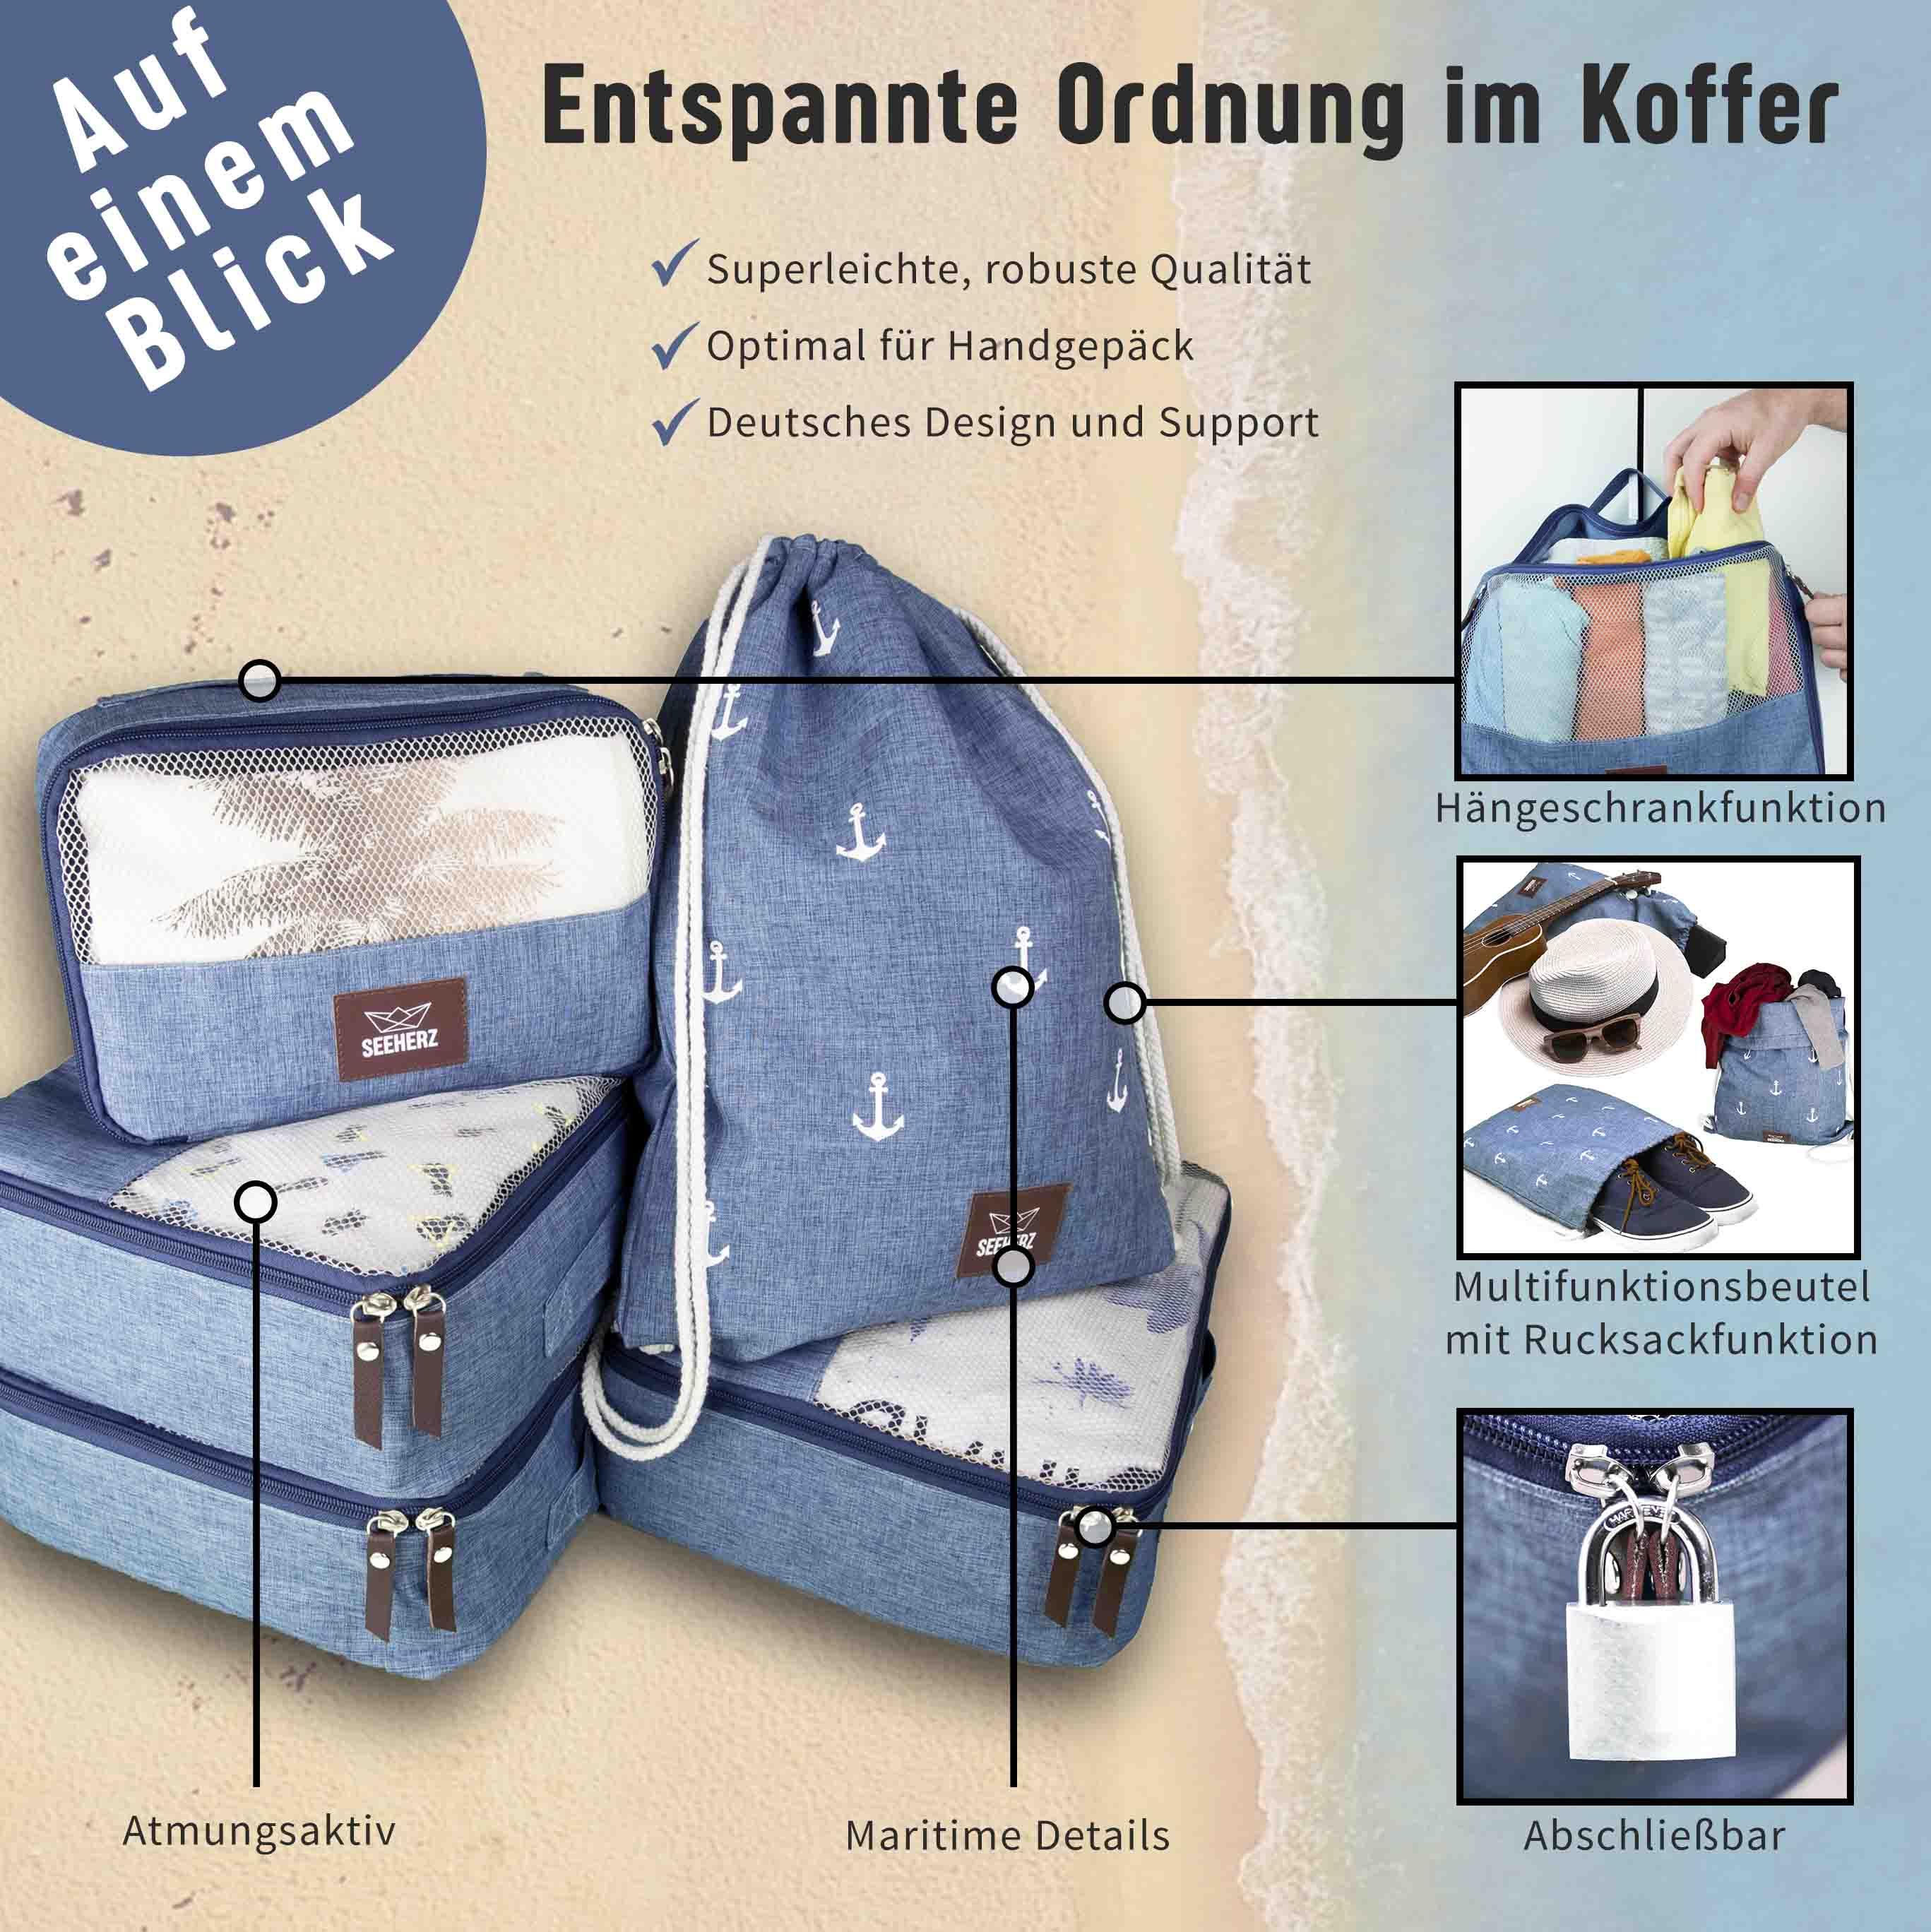 Kofferorganizer Vorteile von Seeherz